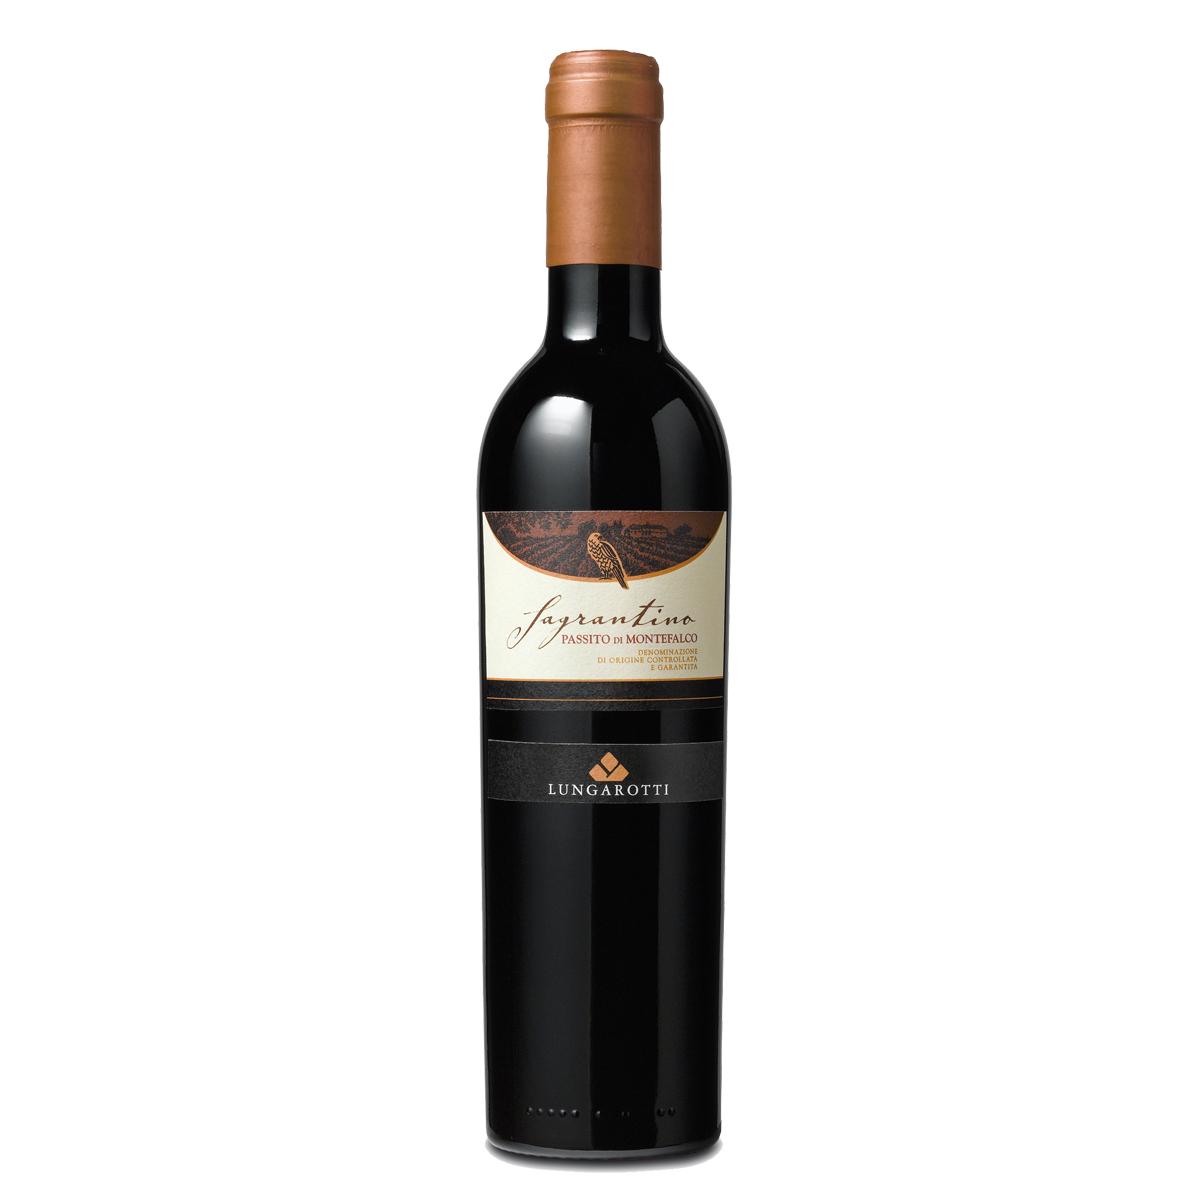 Montefalco Sagrantino Passito - Cantine Lungarotti - Privilege Wine